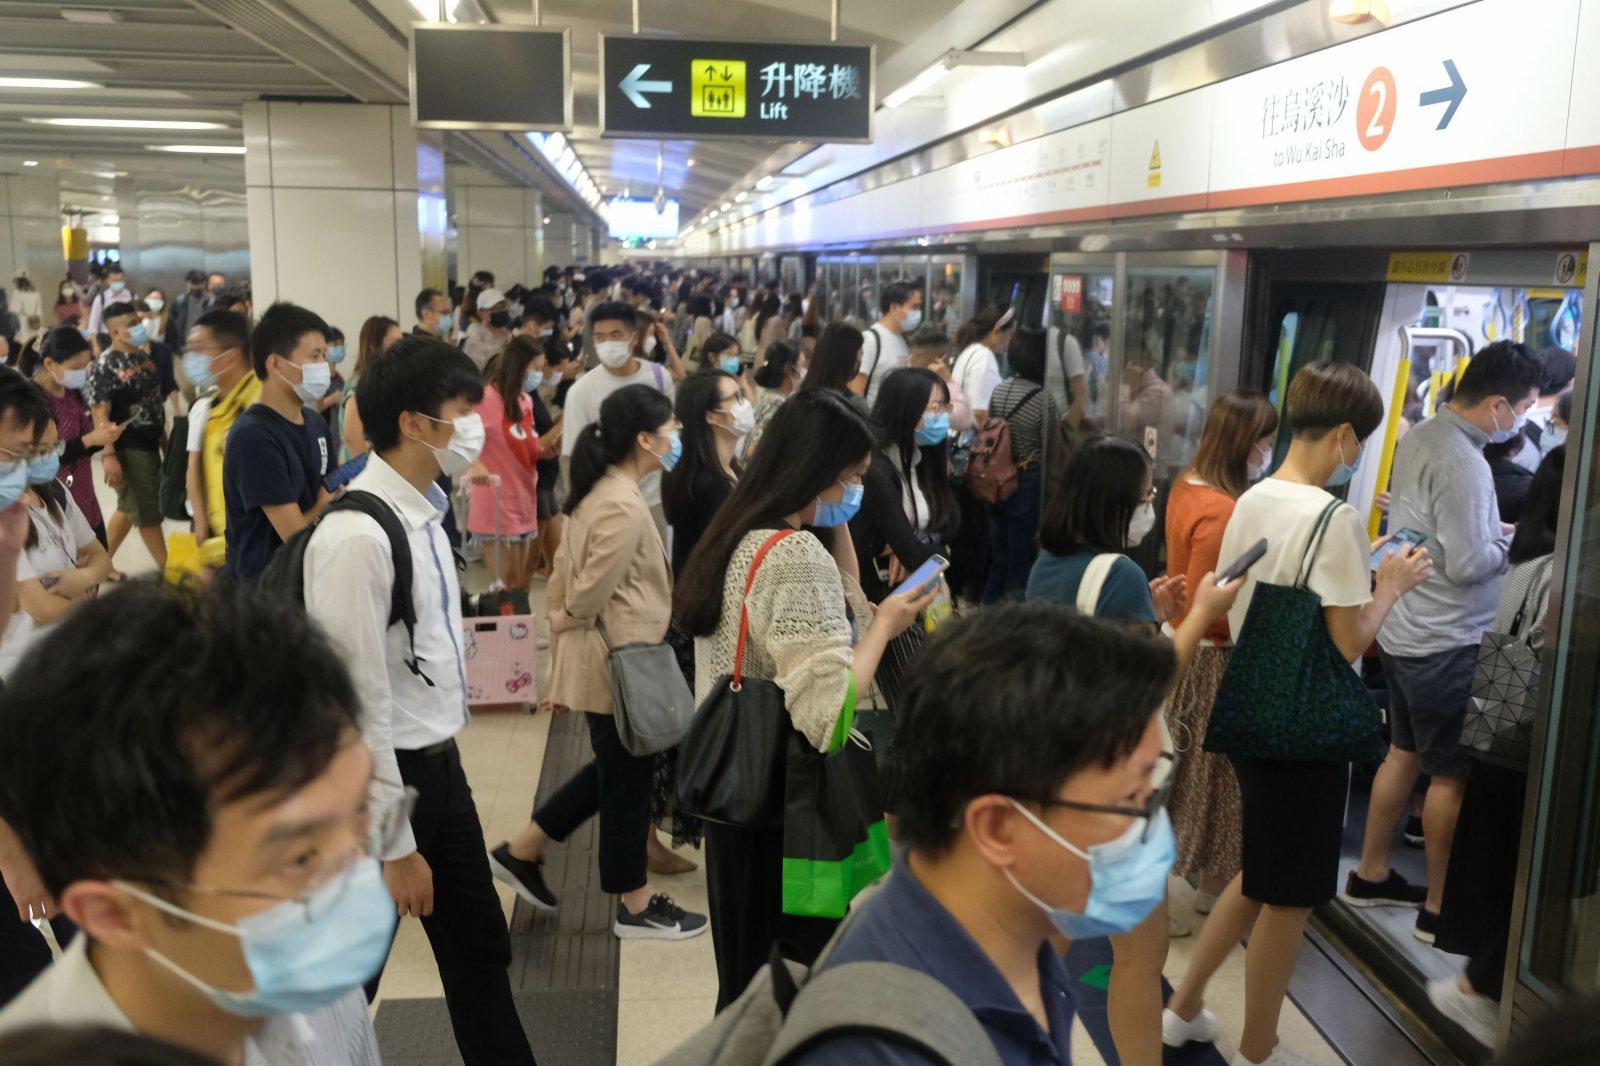 車廂爆滿,有市民無法上車,只好等待下一班。(大公文匯全媒體記者 麥鈞傑 攝)